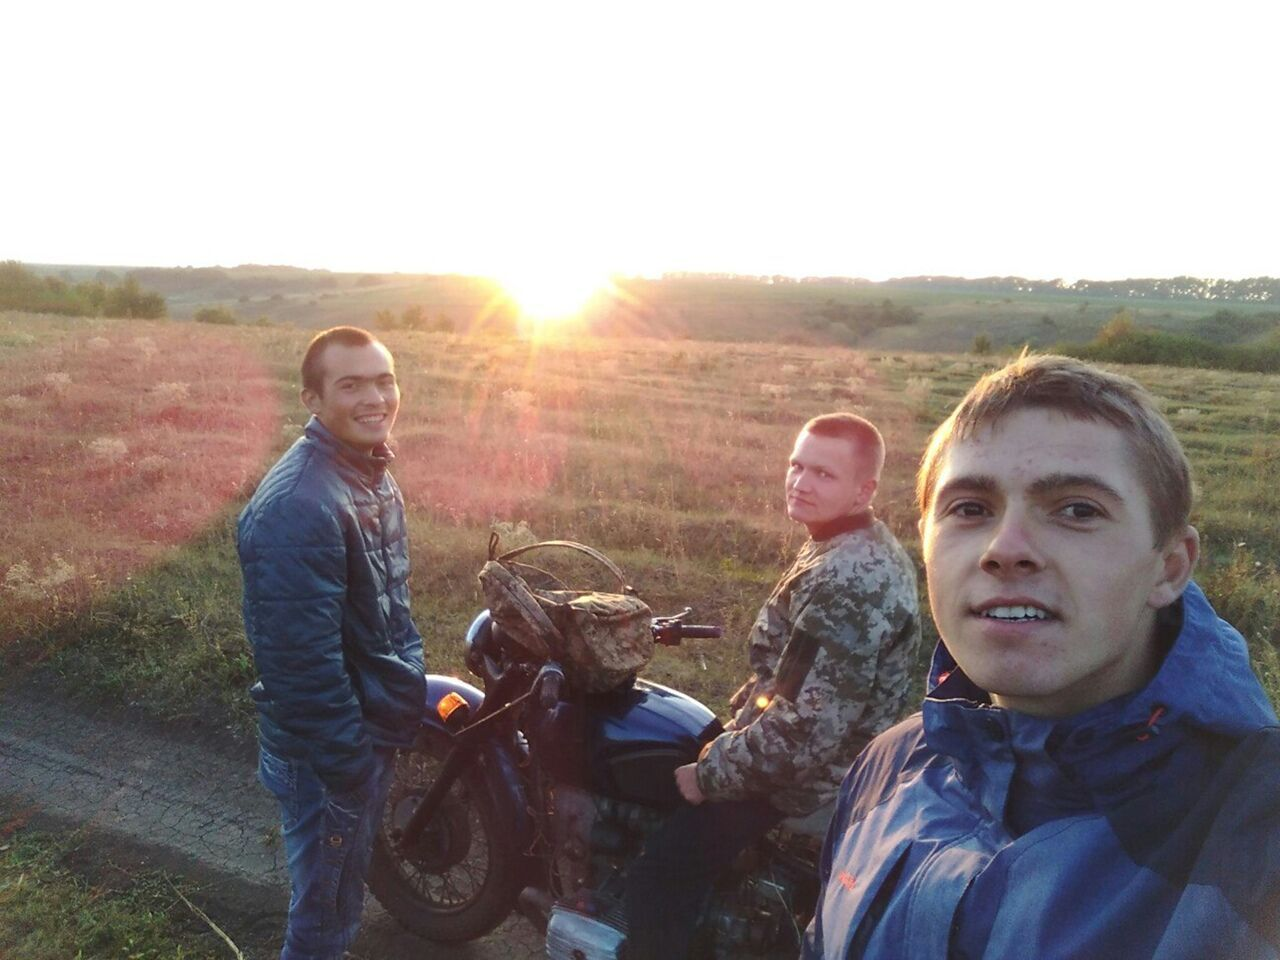 Андрій (у центрі) з улюбленим мотоциклом